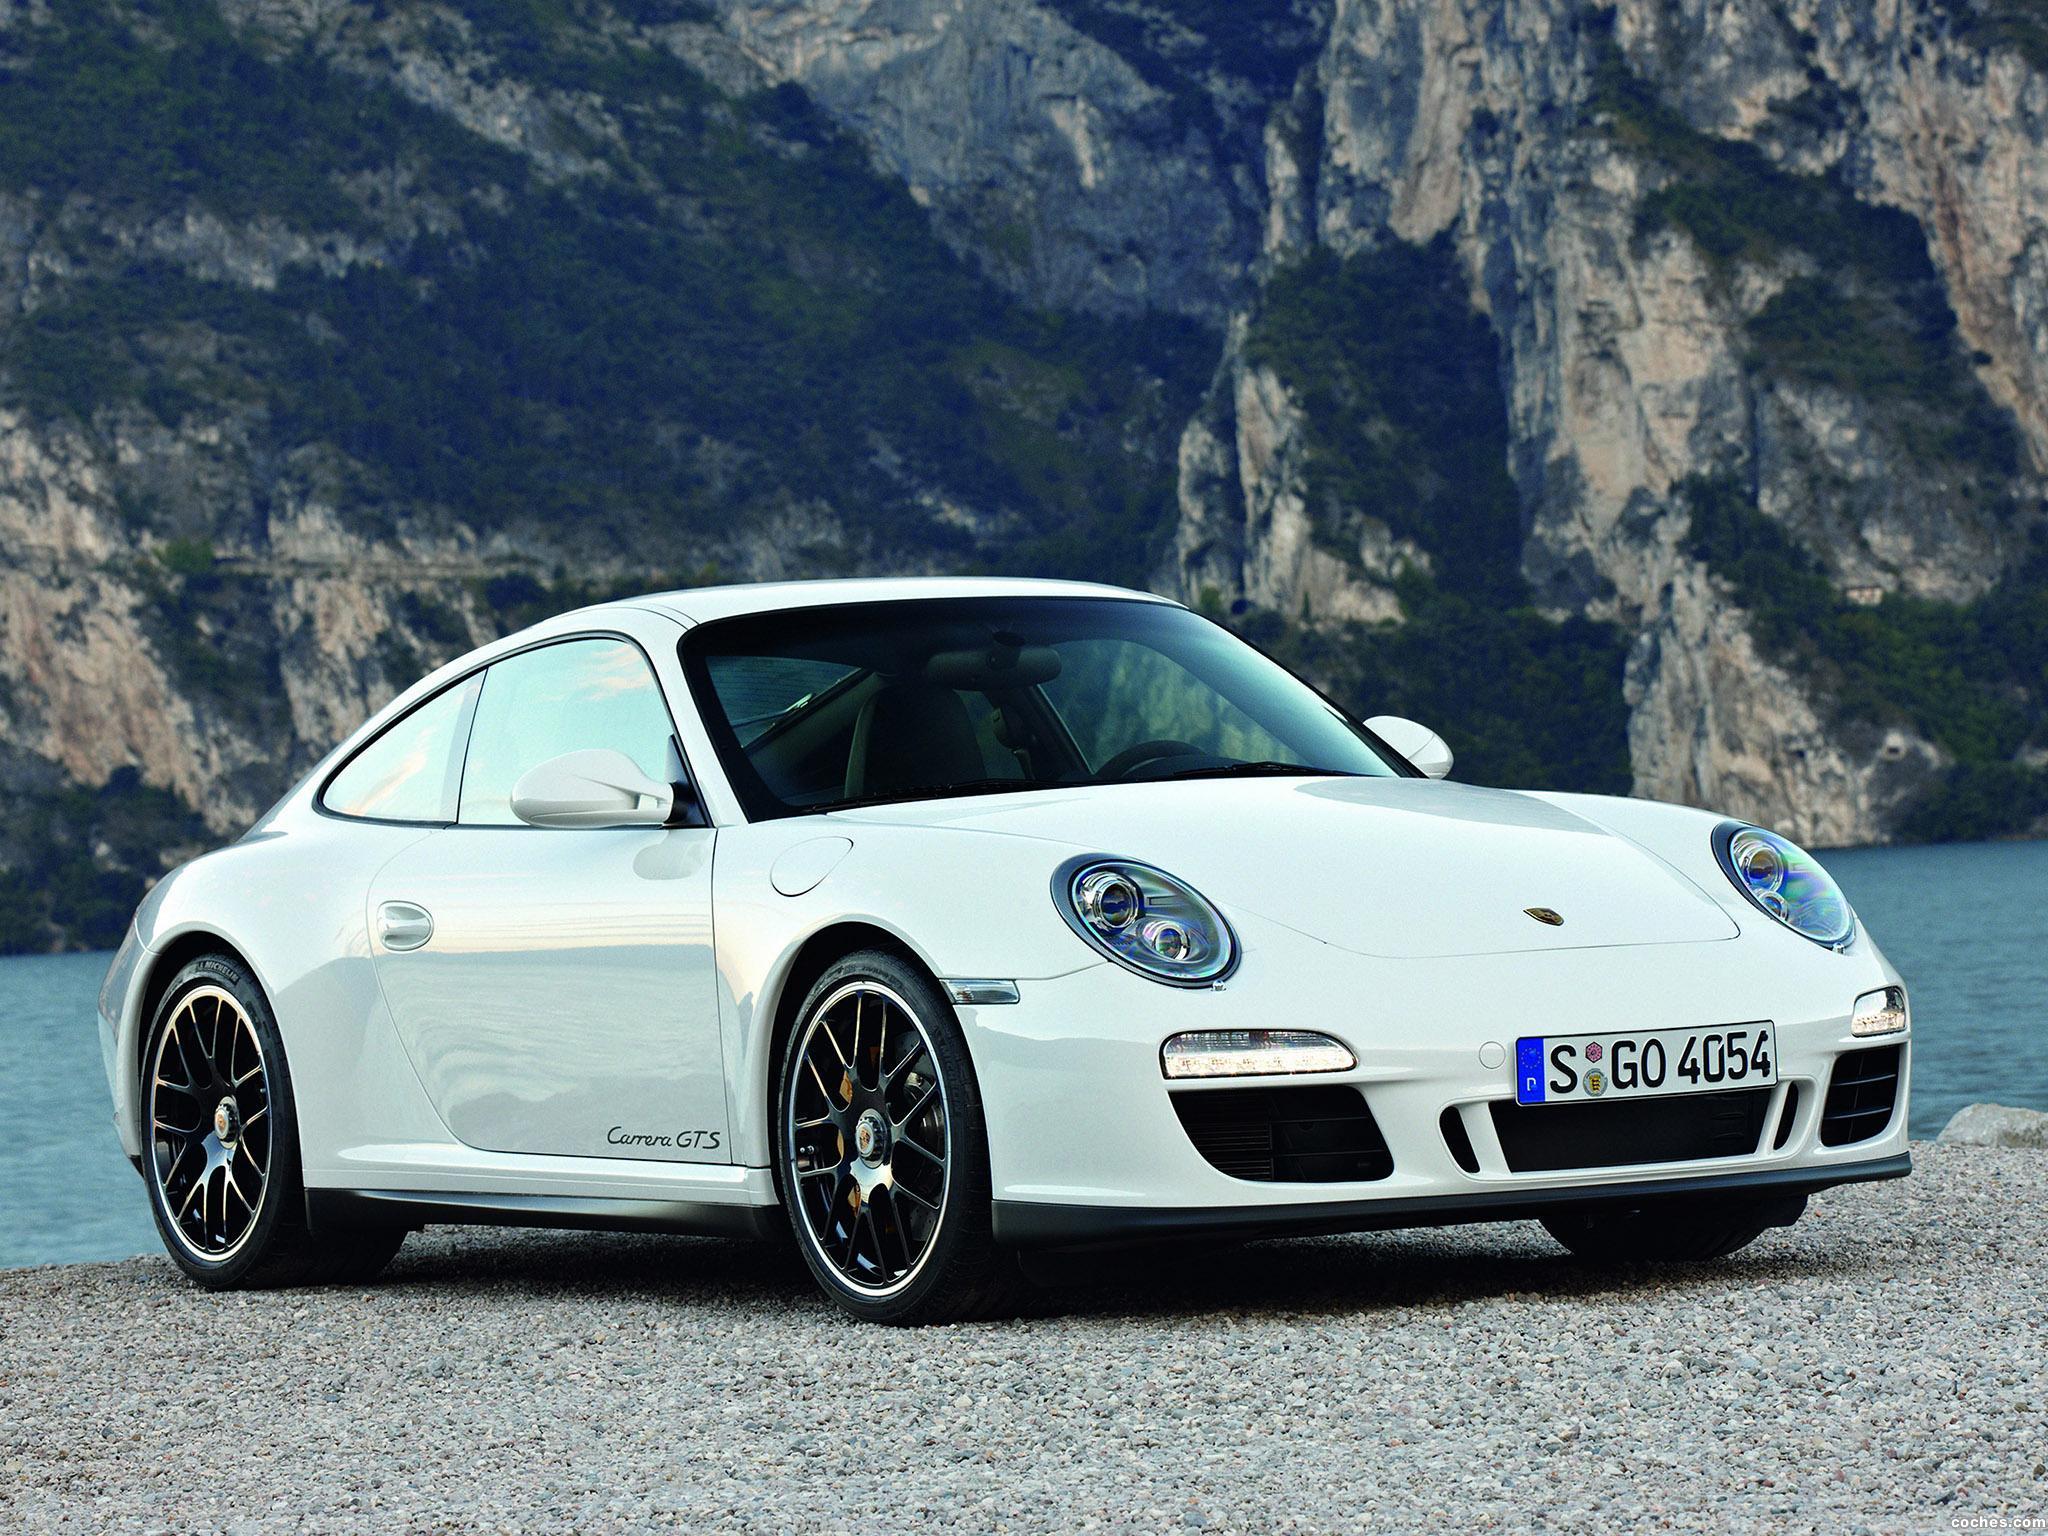 porsche_911-carrera-gts-coupe-2010_r3